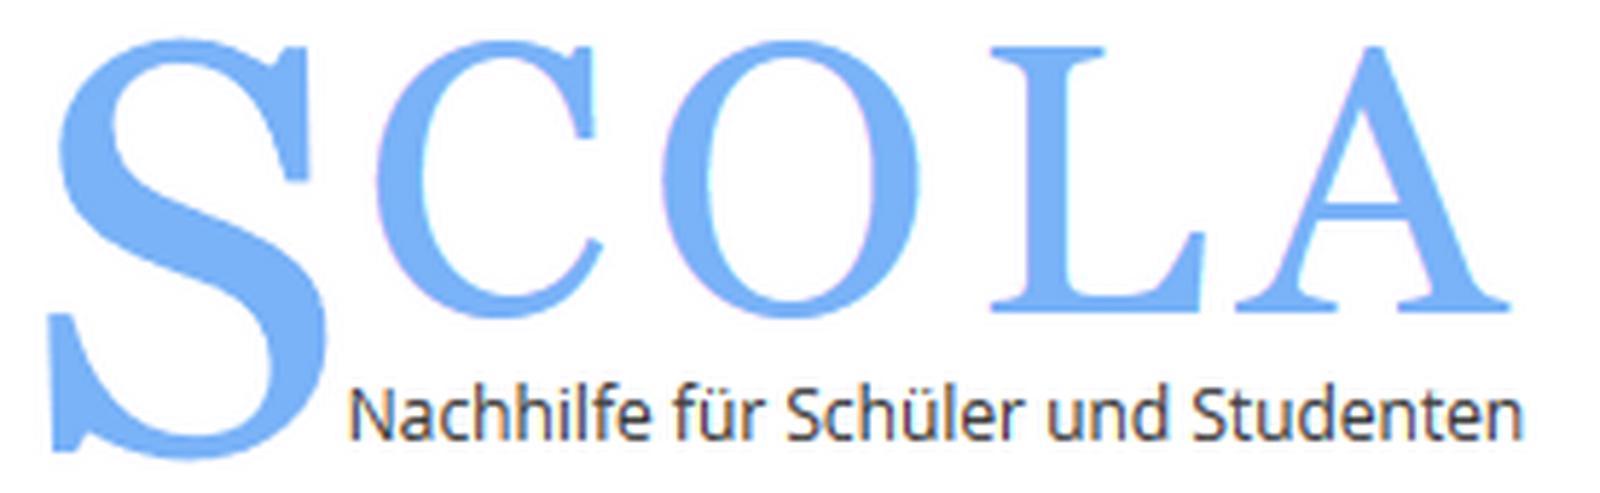 Professionelle Nachhilfe - Deutsch - Bild 1